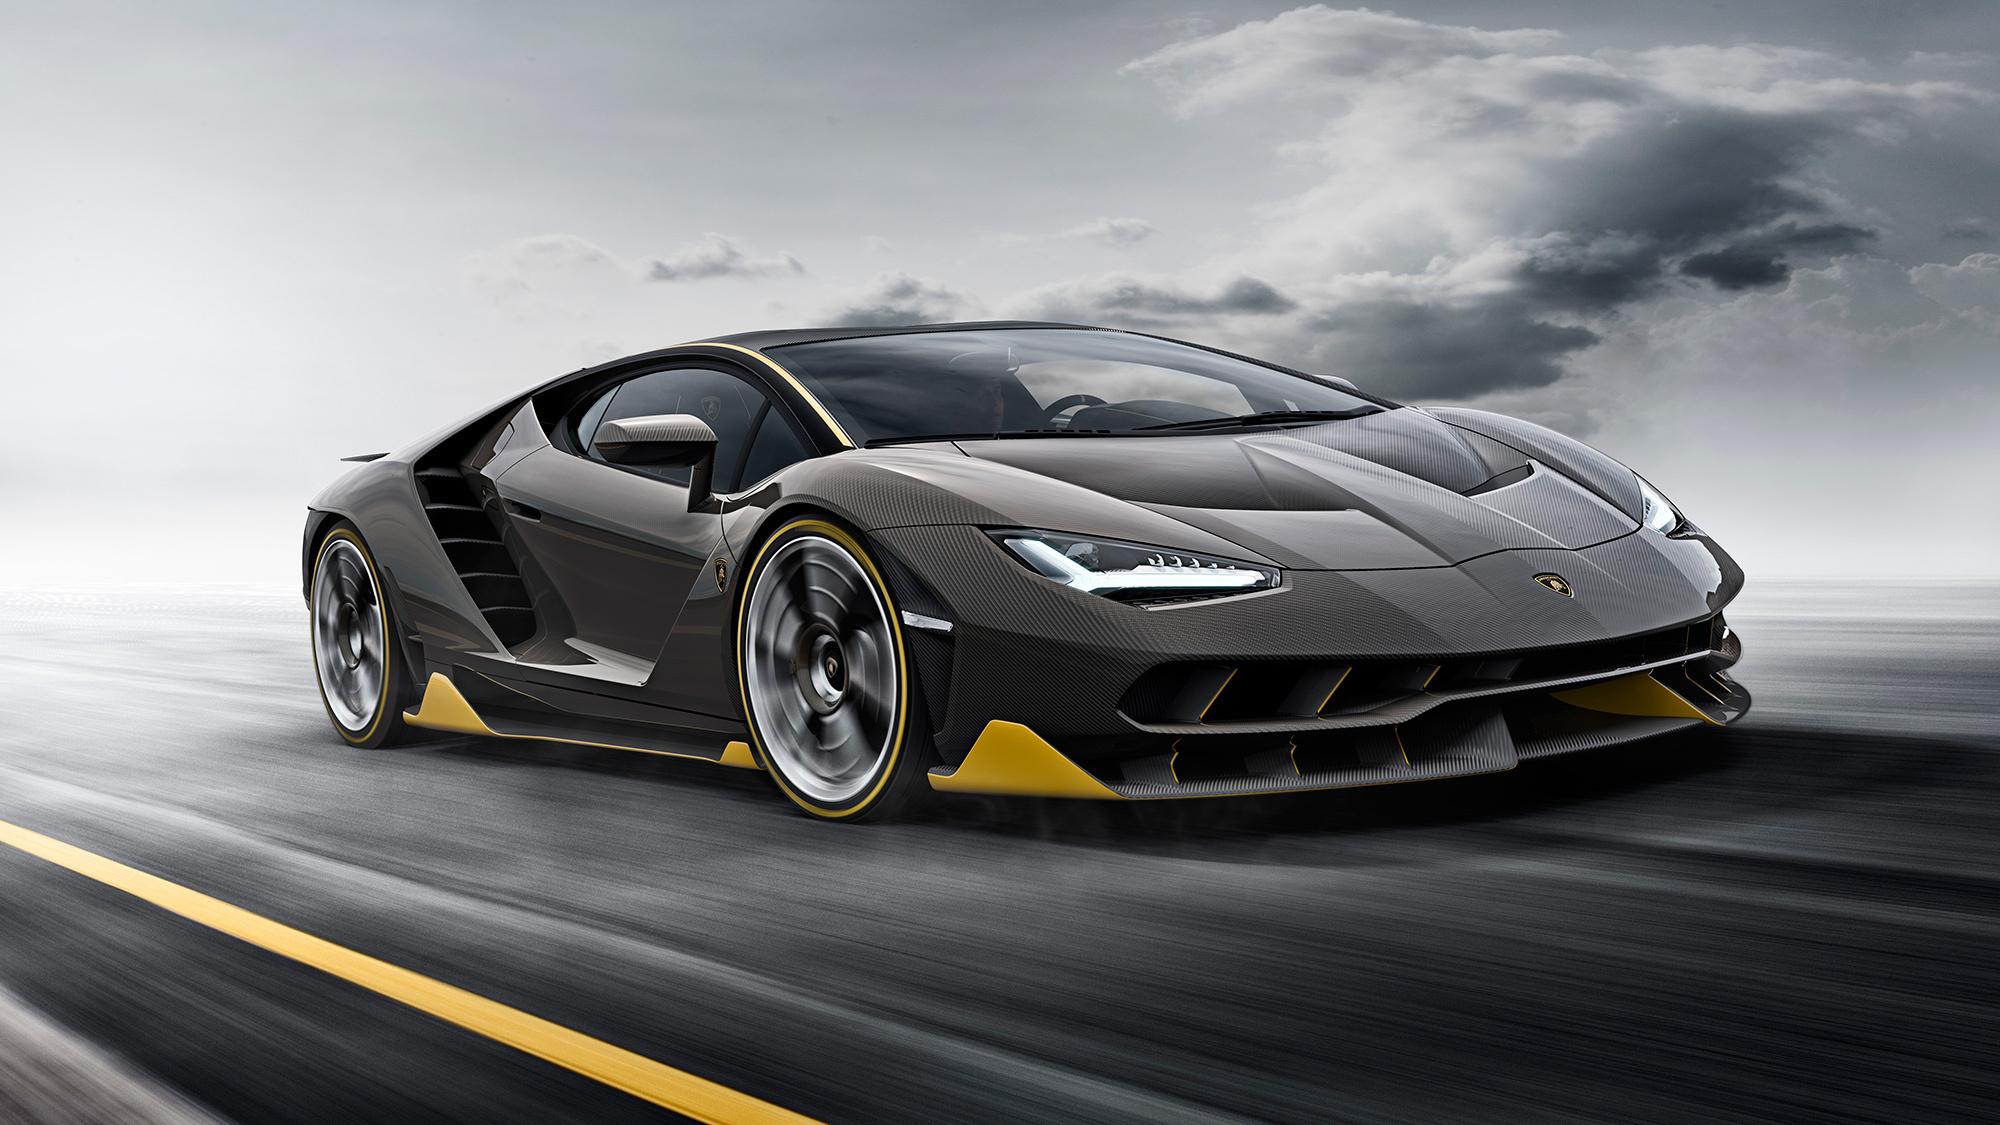 Lamborghini Centenario Wallpapers HD